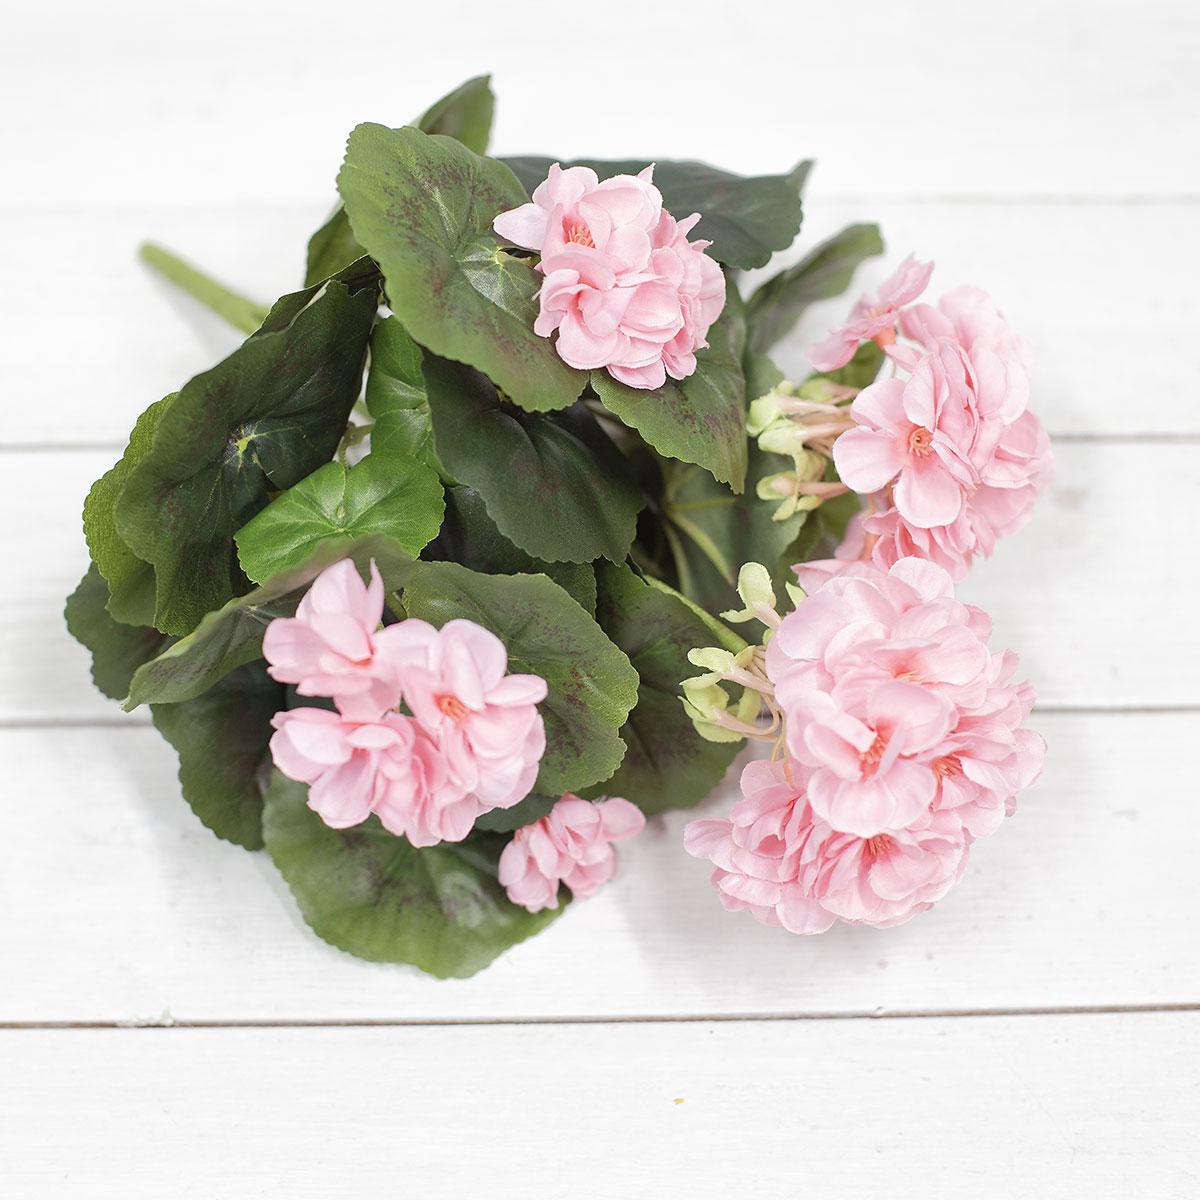 테이블 위에 핑크색 제라늄꽃 부쉬 사진